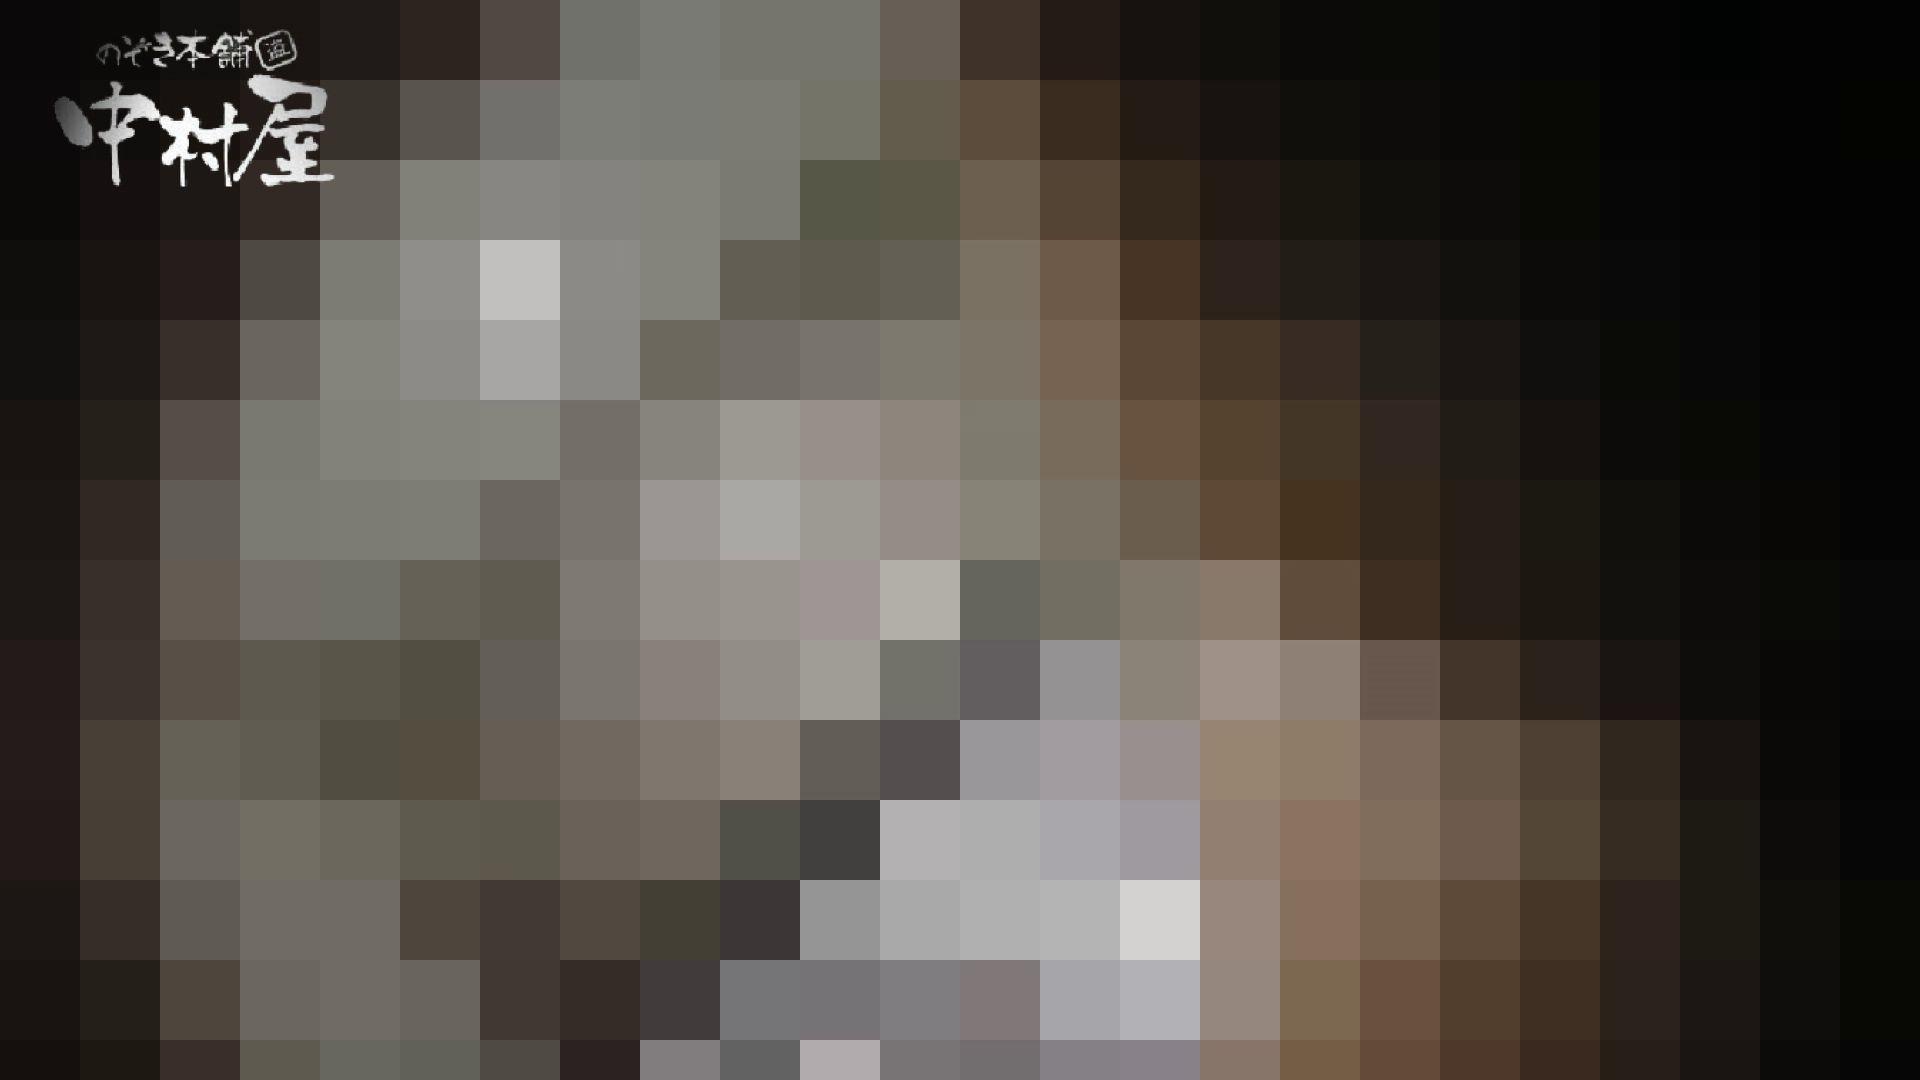 【世界の射窓から】世界の射窓から vol.18後編 0  88pic 82